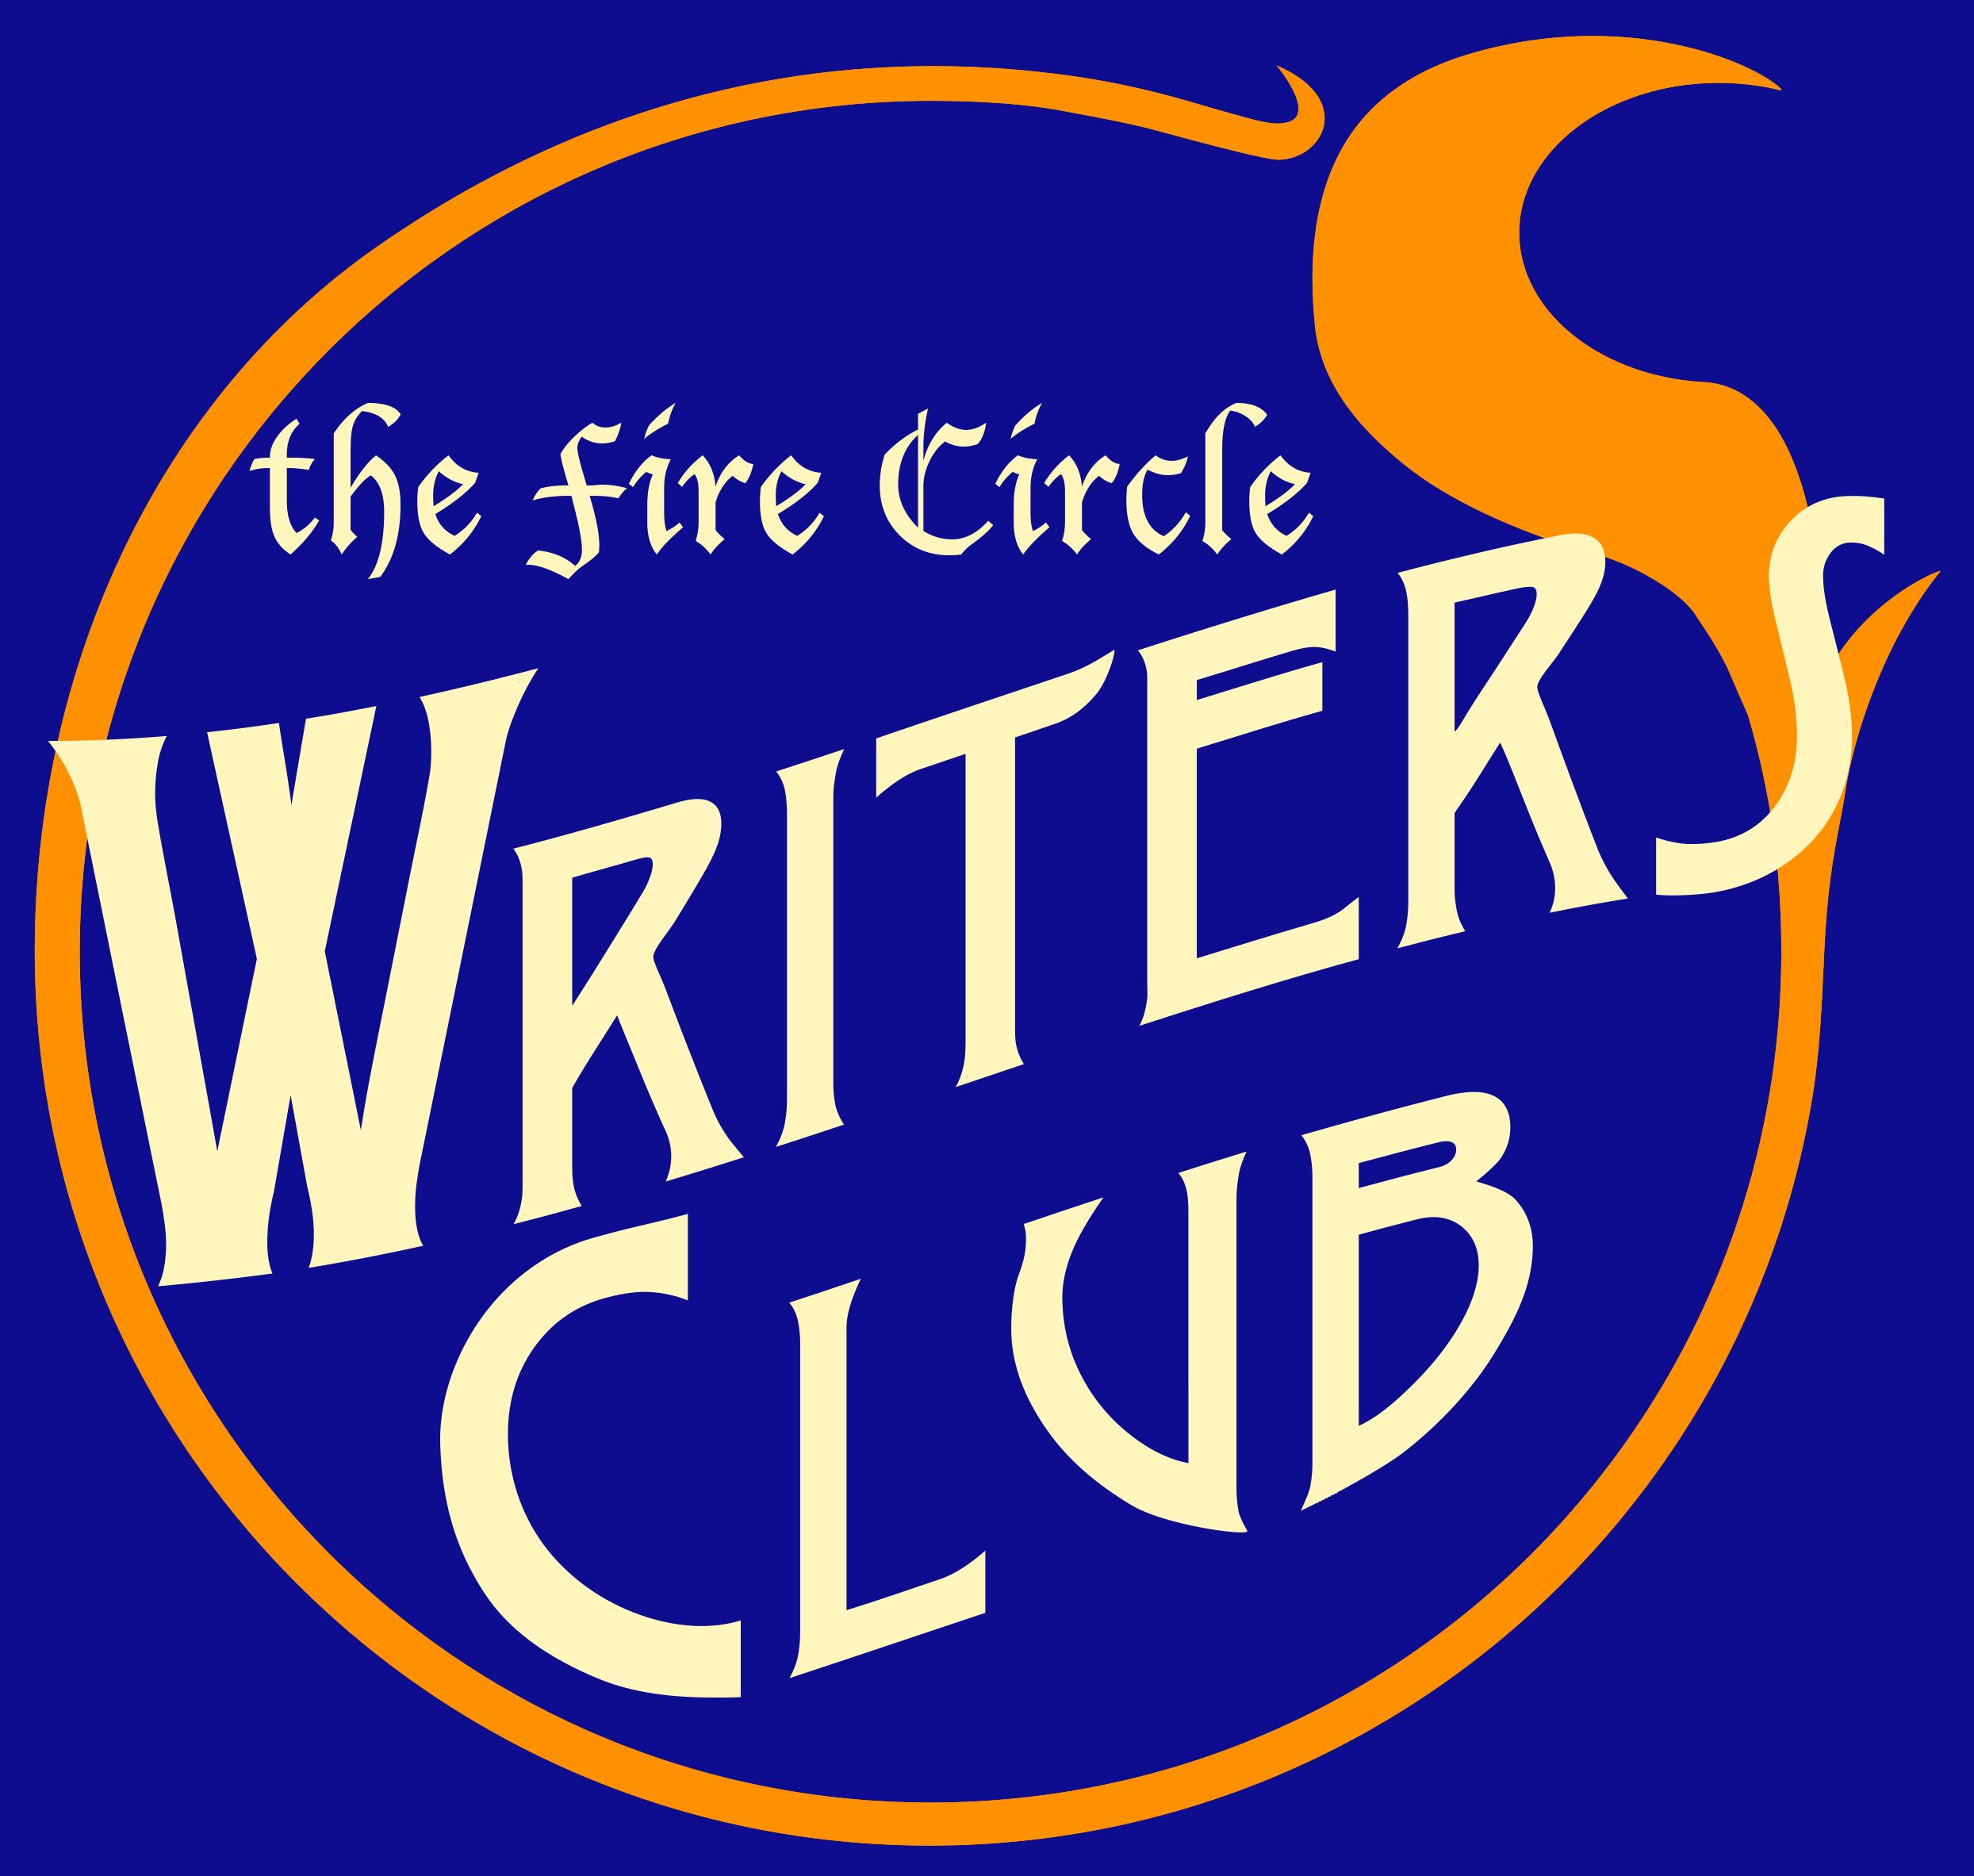 WritersClub.jpg